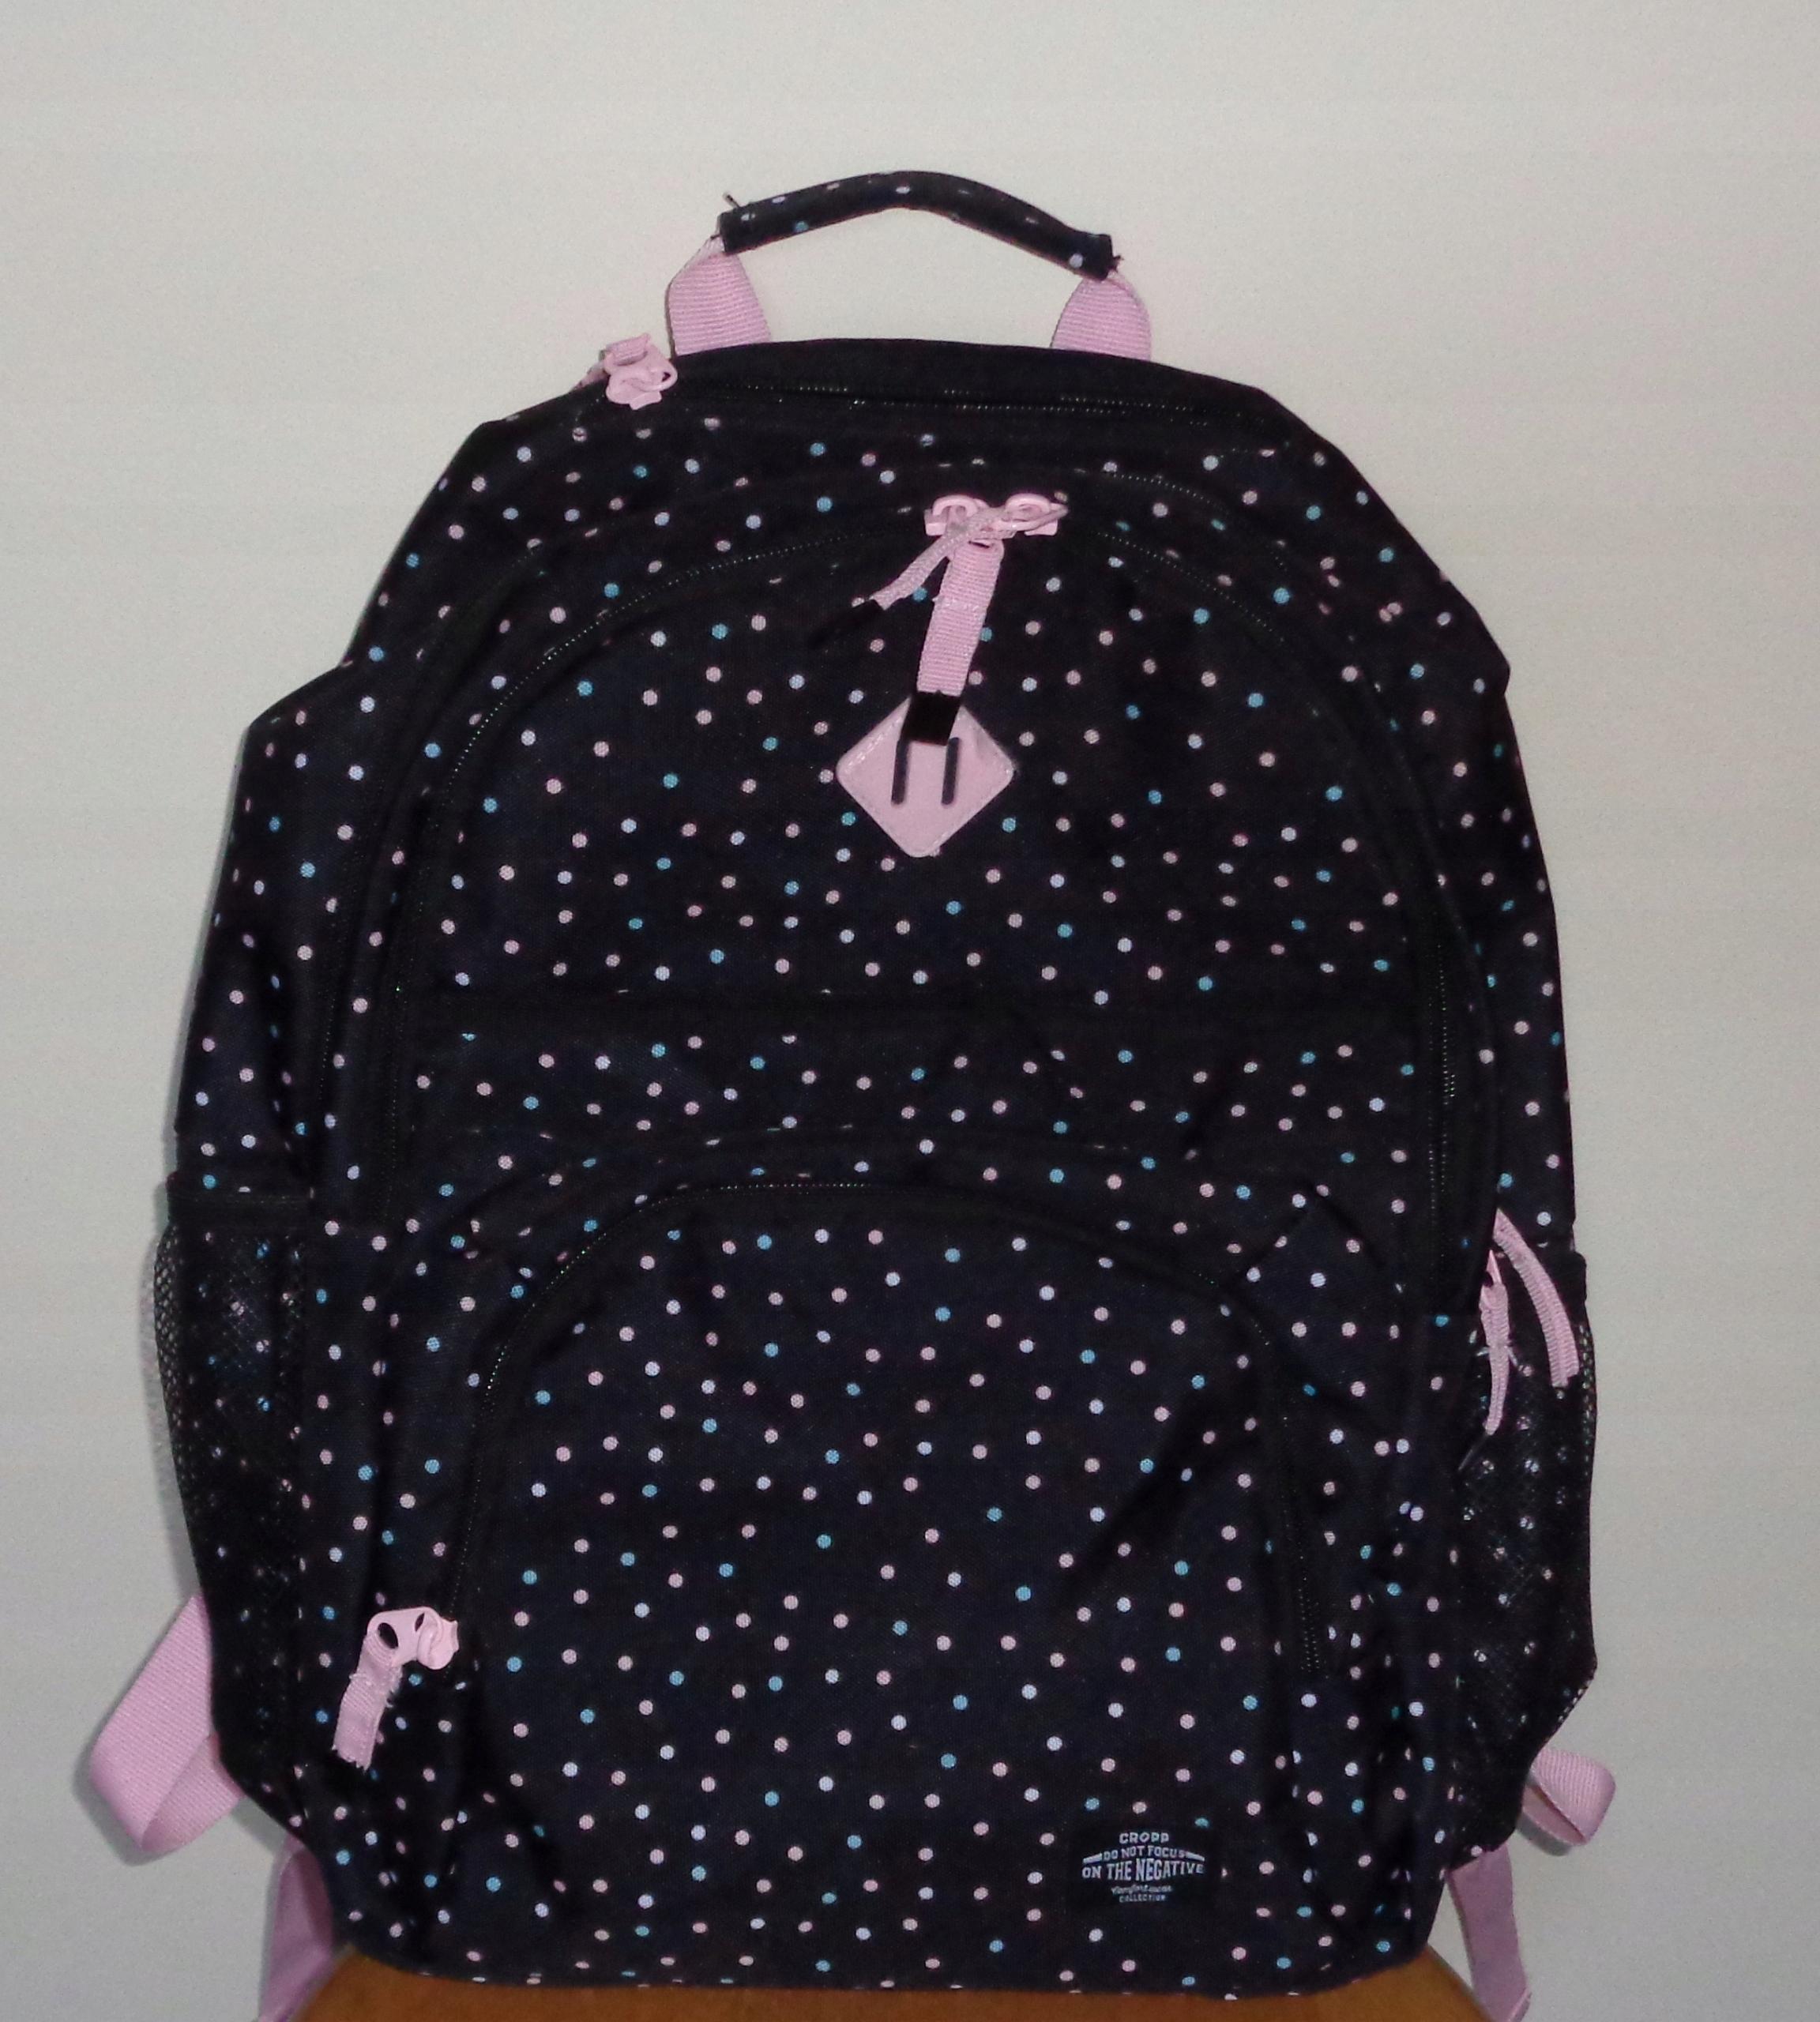 3caf35228de30 CROPP plecak szkolny, miejski, na wycieczki - 7555560834 - oficjalne ...